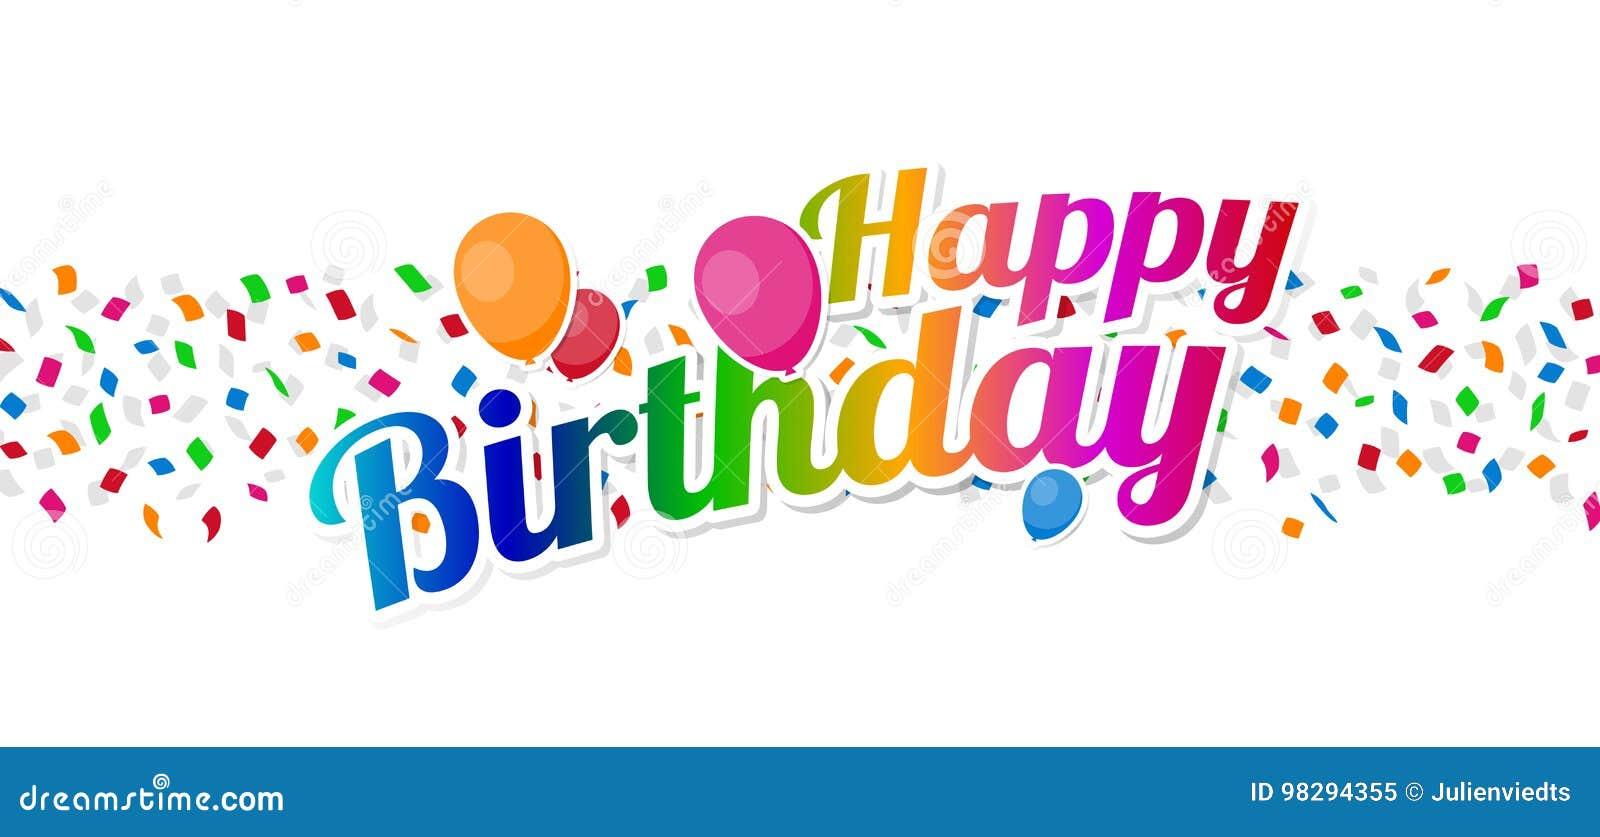 Buntes Zeichen Alles Gute Zum Geburtstag Mit Ballonen Uber Konfettis